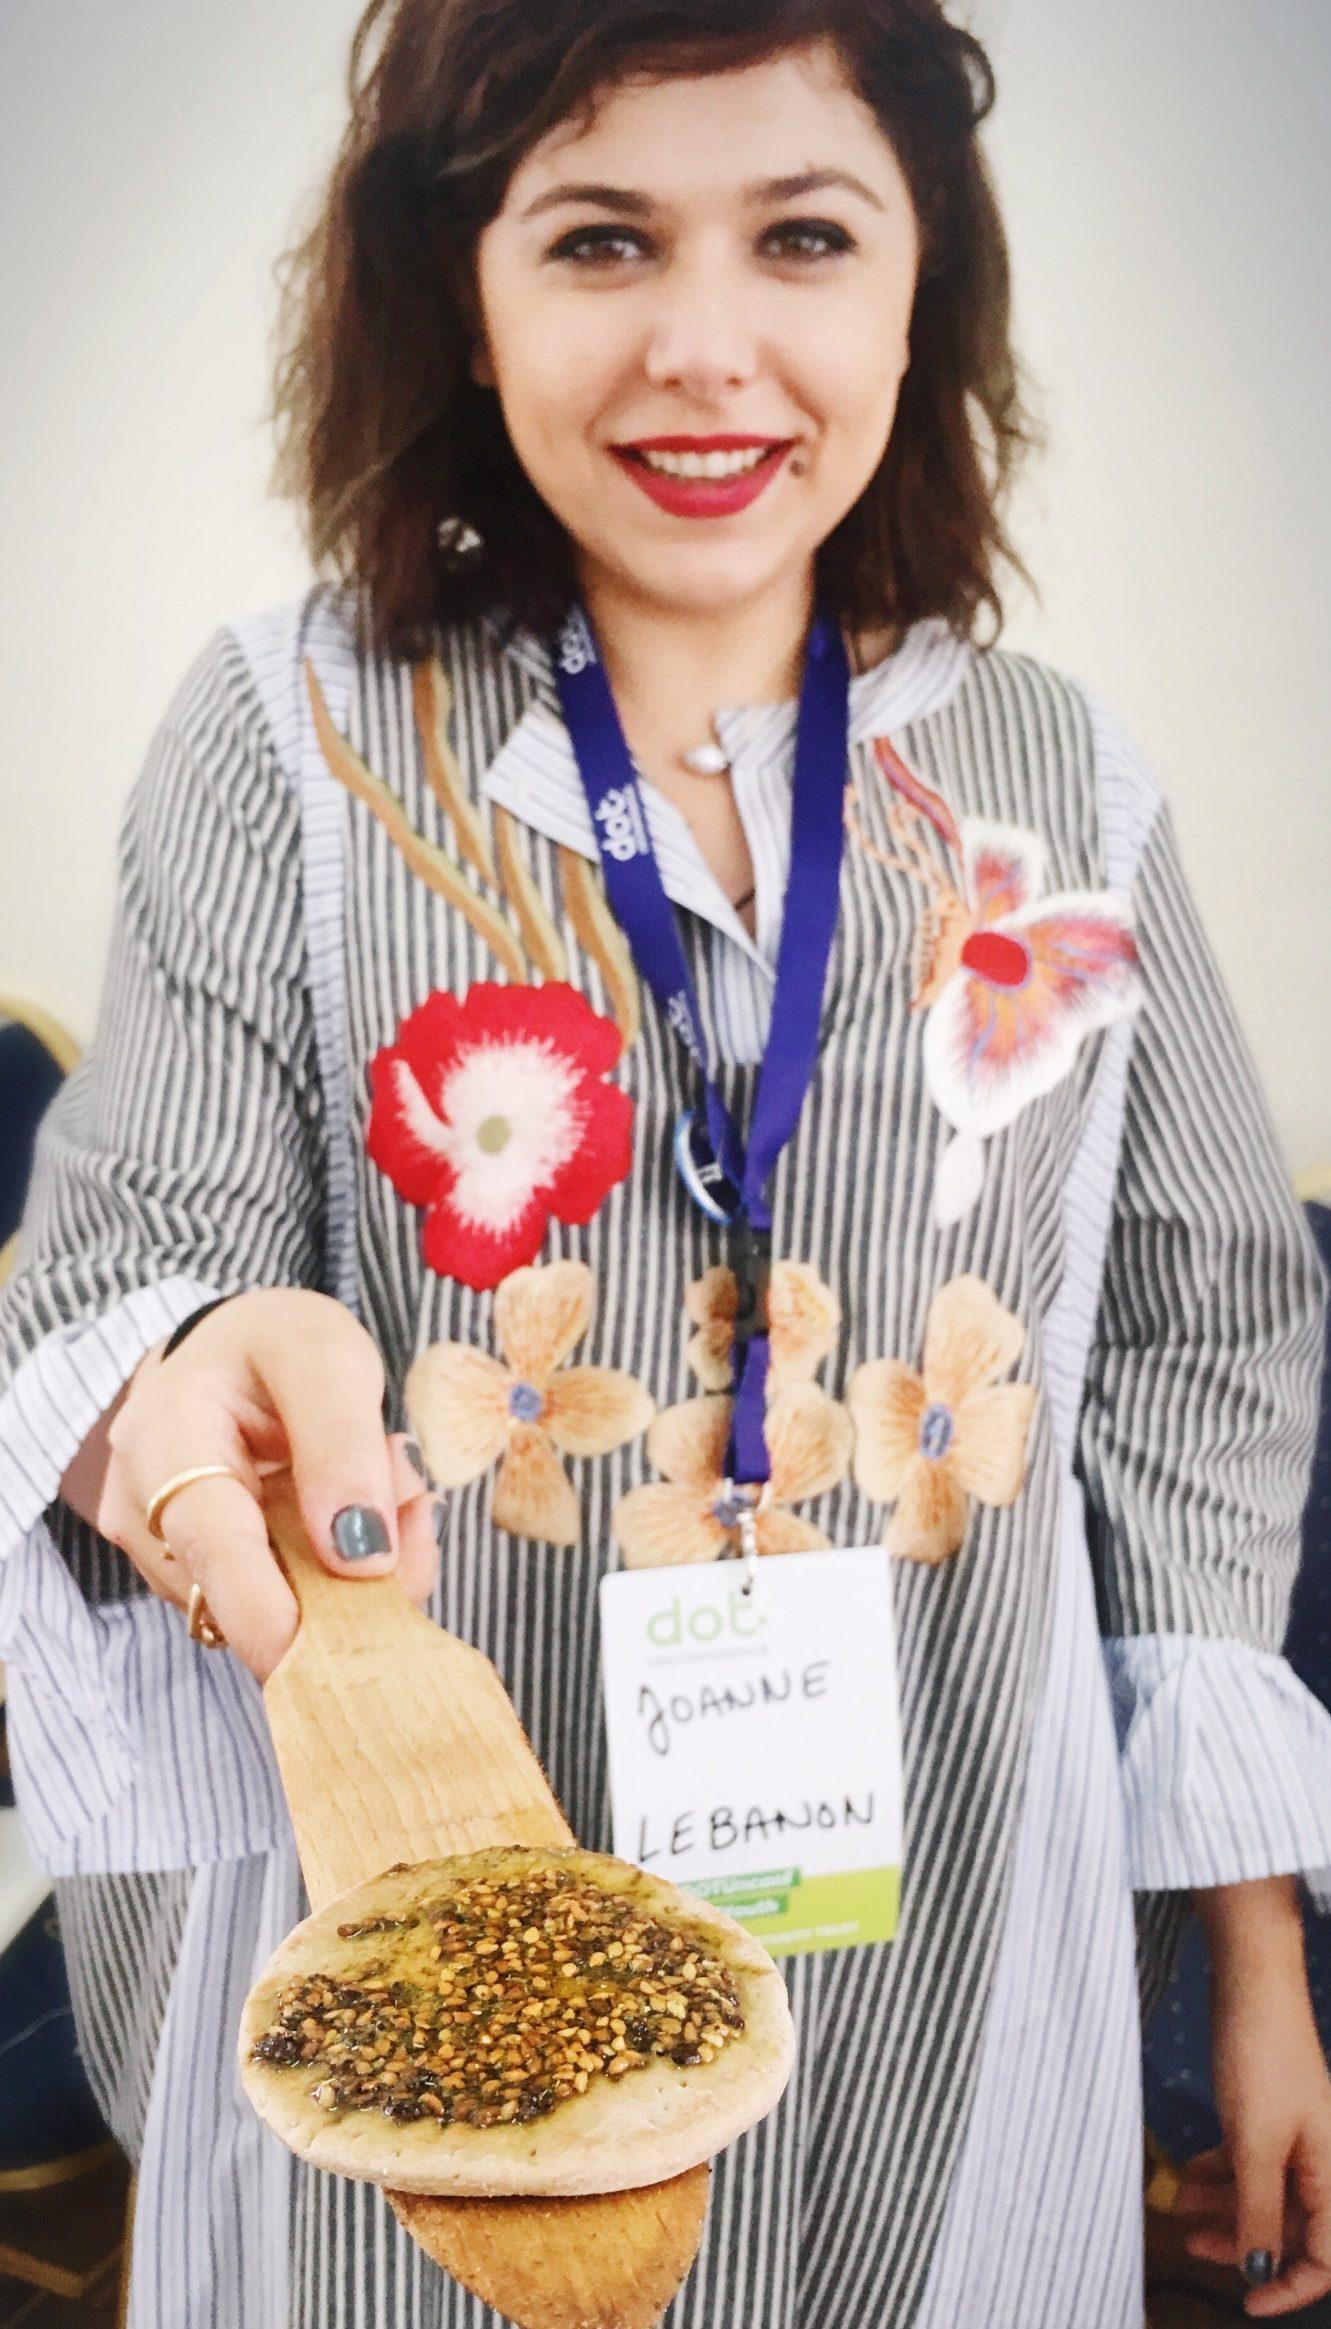 Joanne Raad holding traditional food